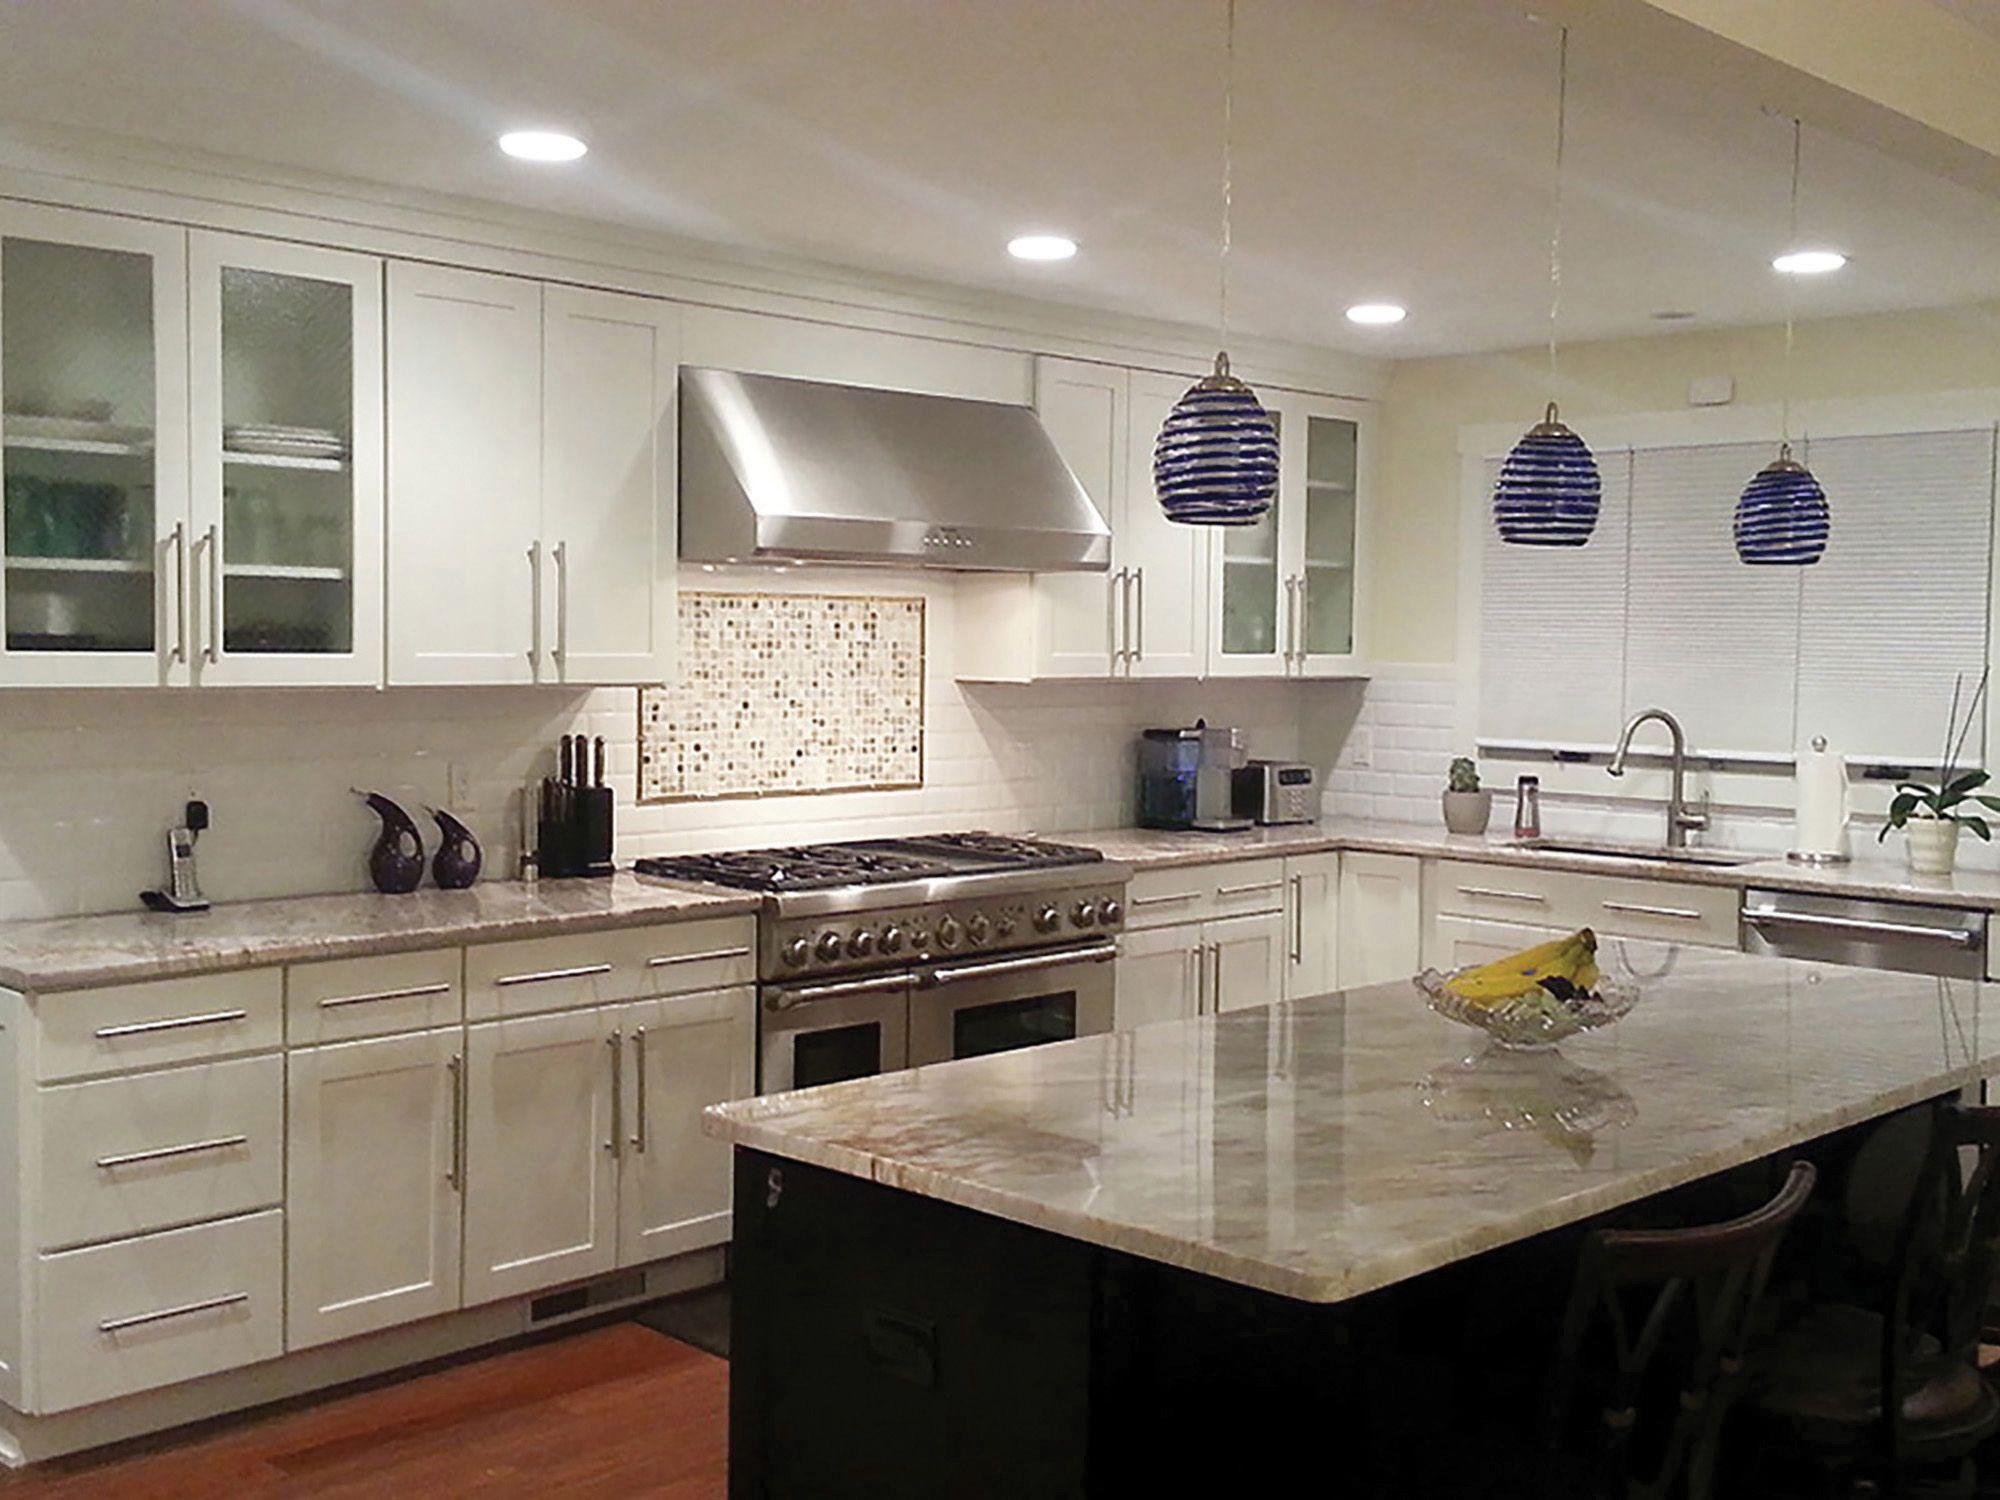 Trumbull Connecticut kitchen renovation features CliqStudios